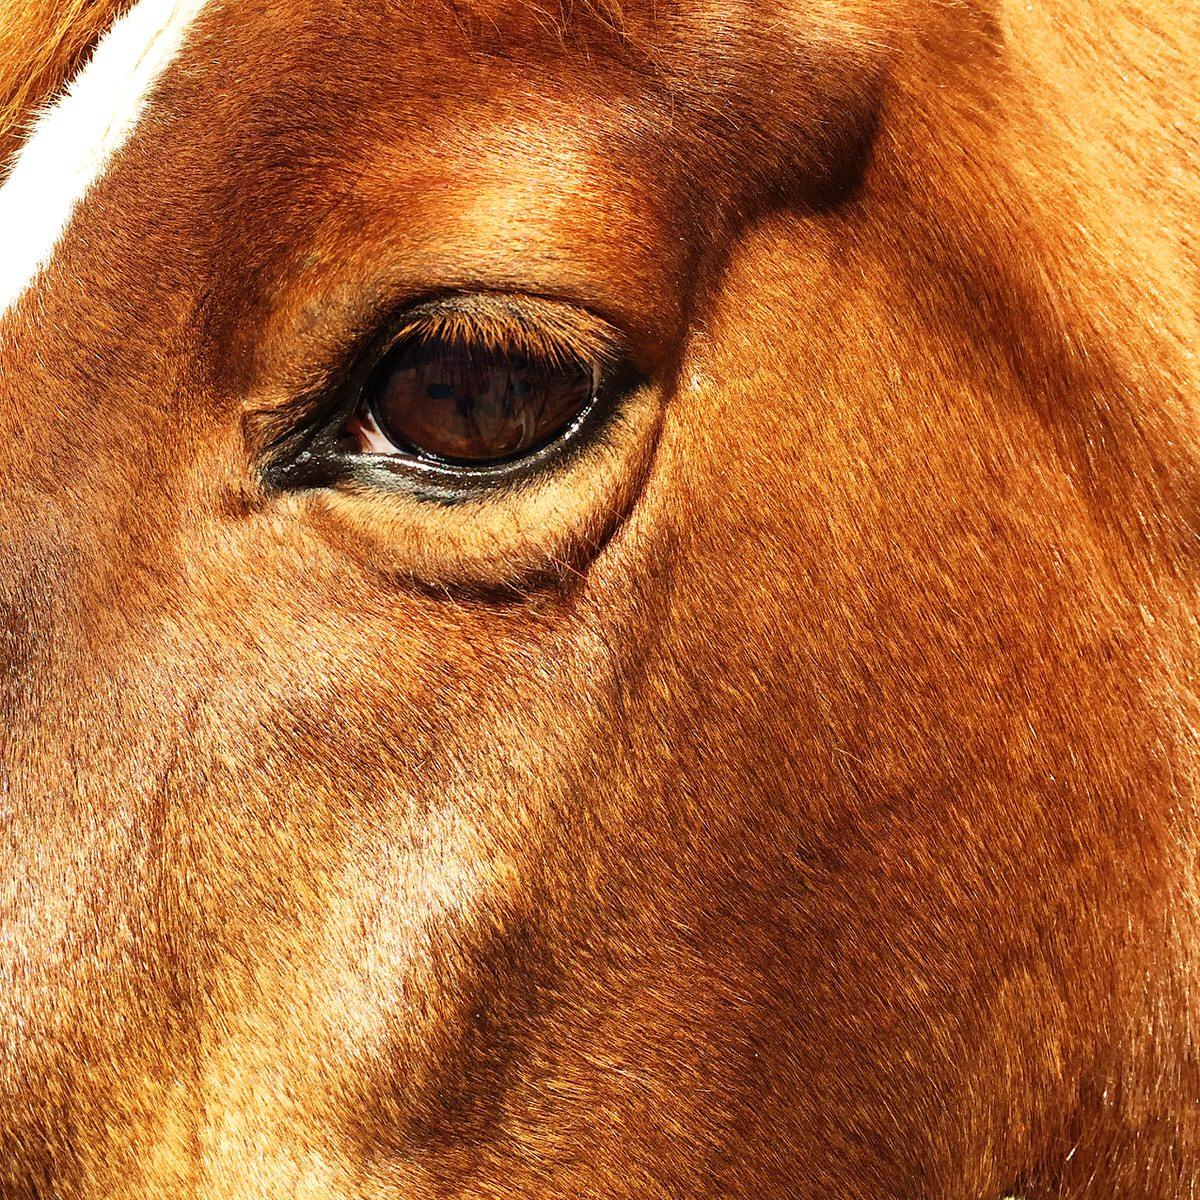 A horse near Santa Maria, California